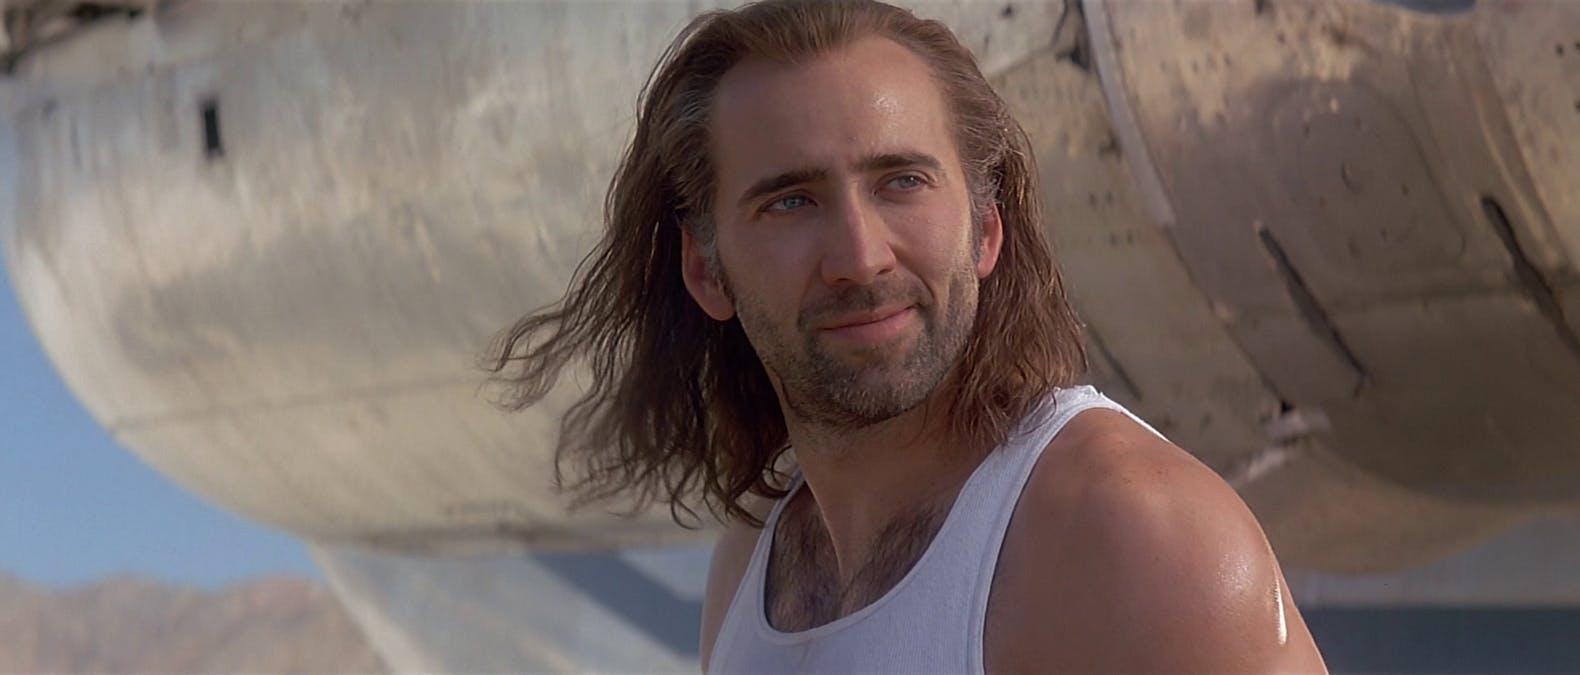 En guide till Nicolas Cages filmer – Maximal Cage-ighet!